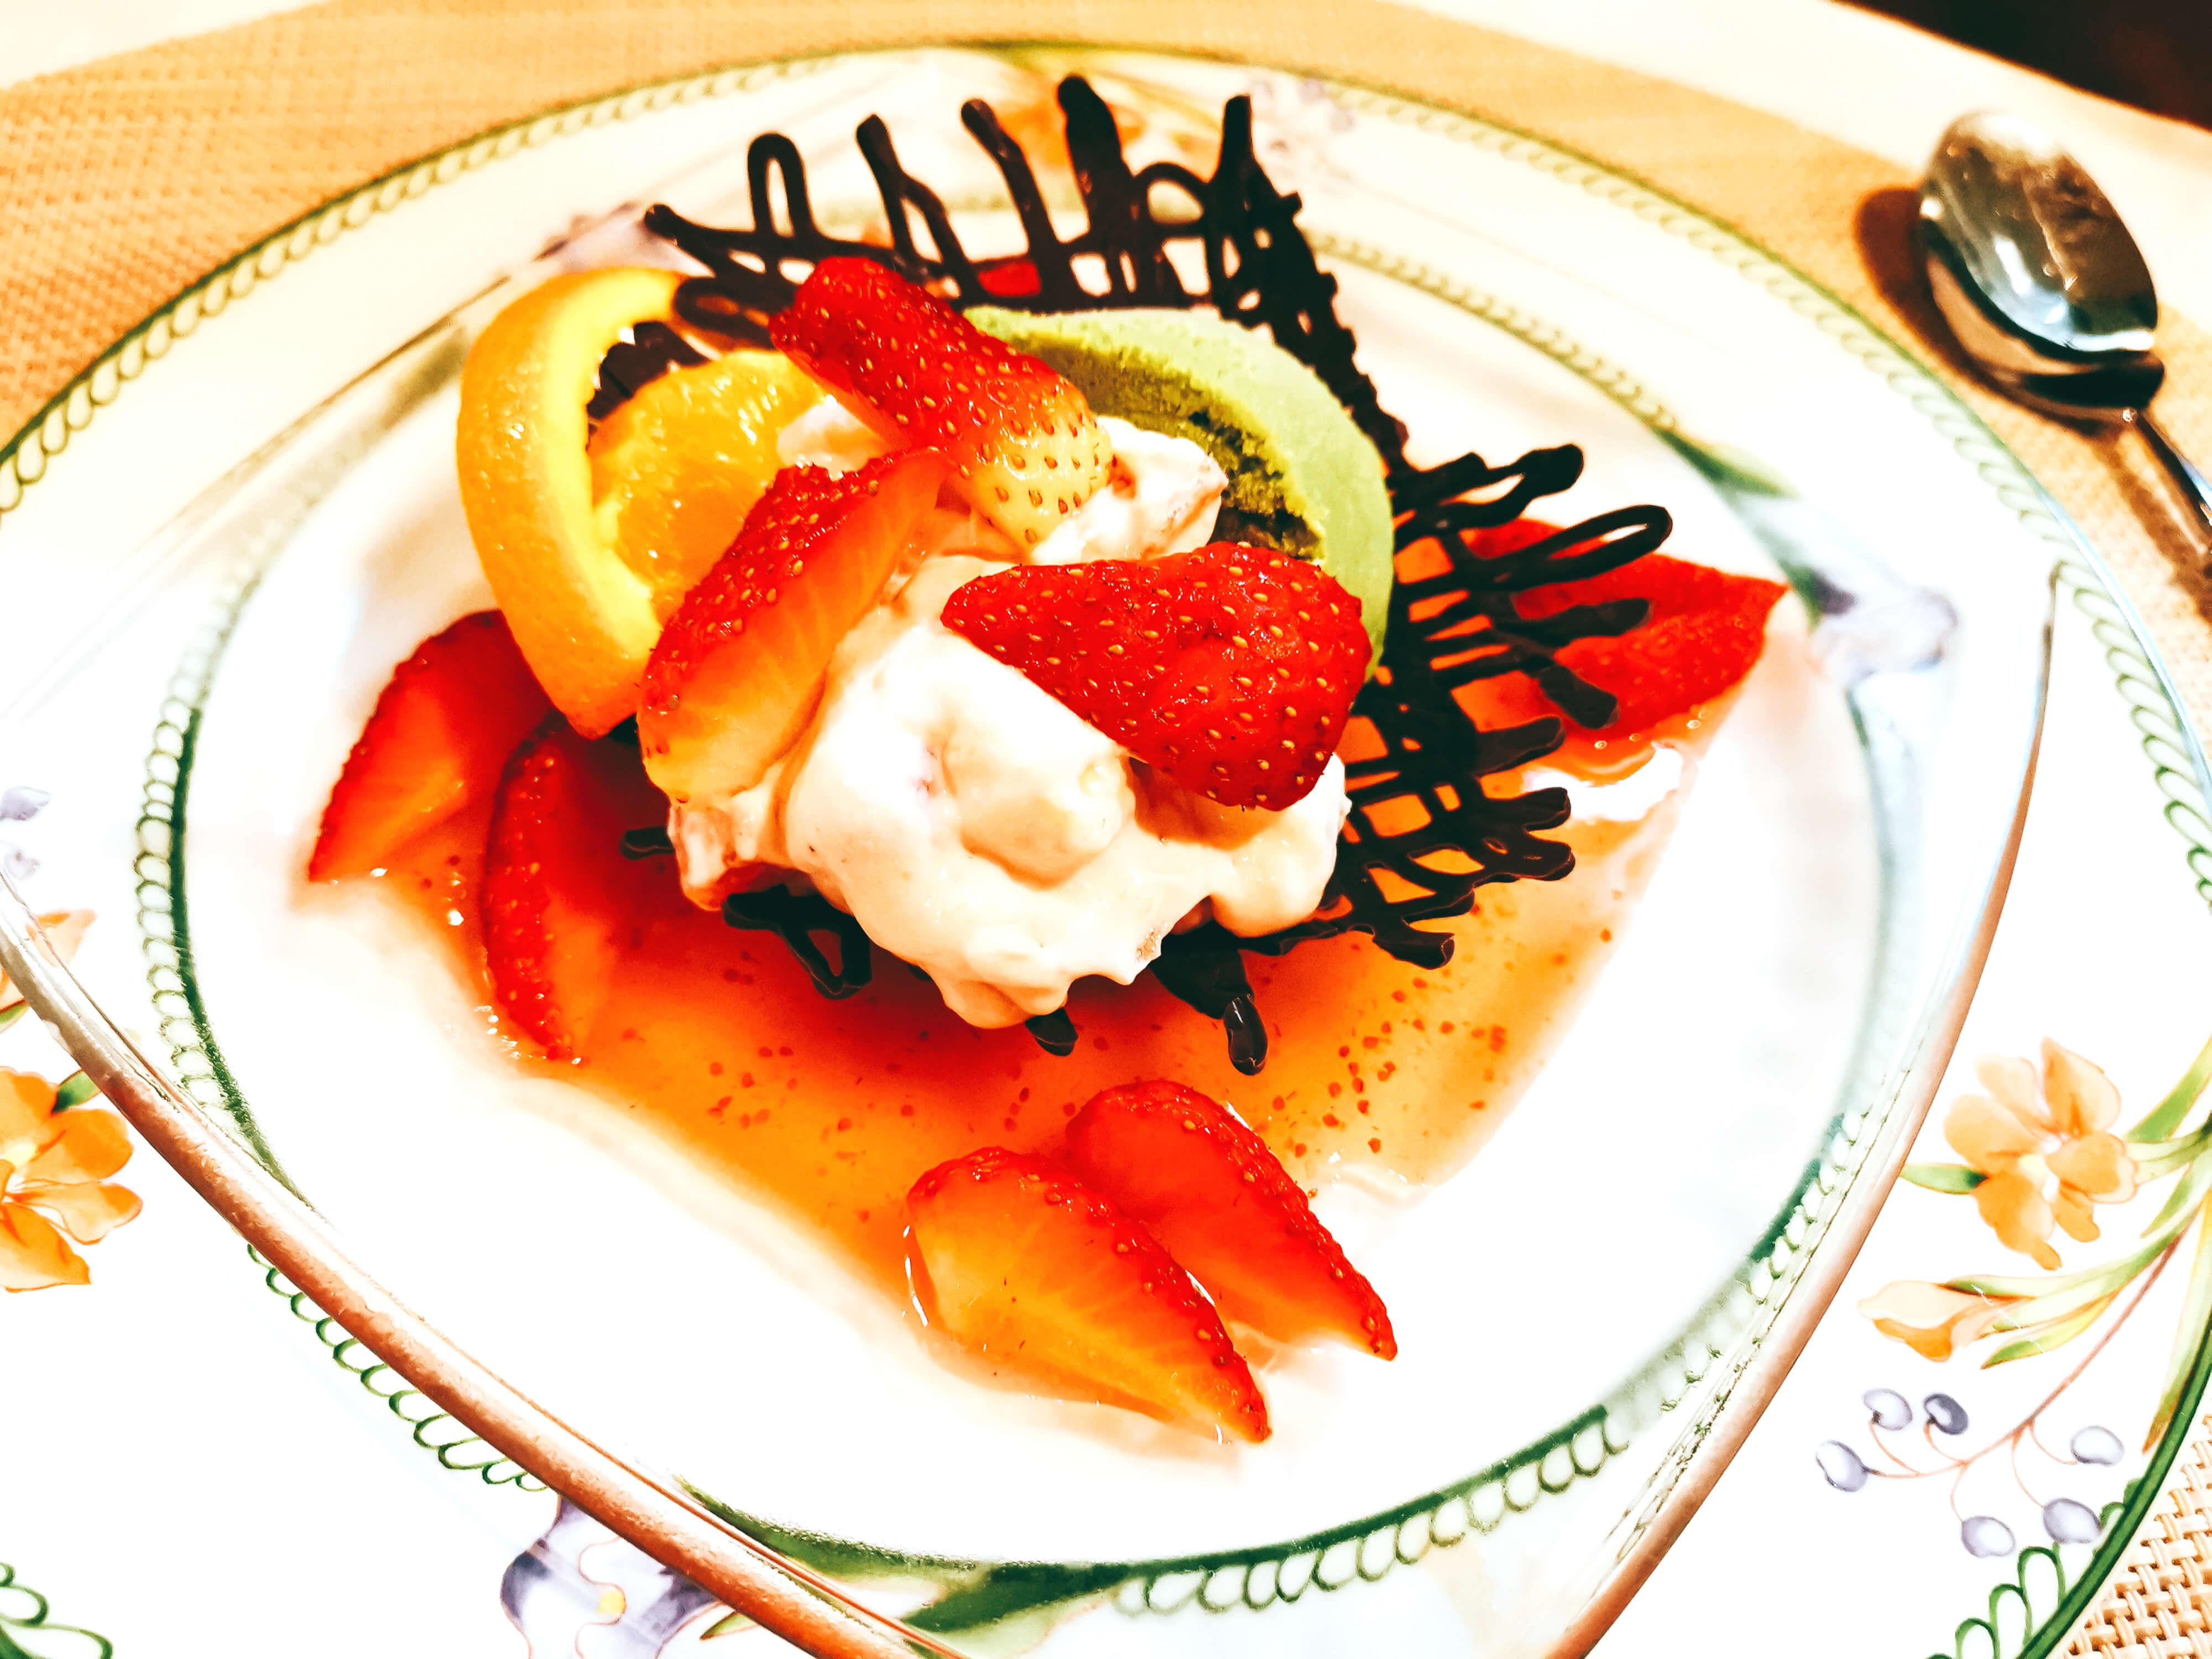 イチゴのスープ仕立てとフルーツのクリームあえ抹茶のアイスクリーム添え